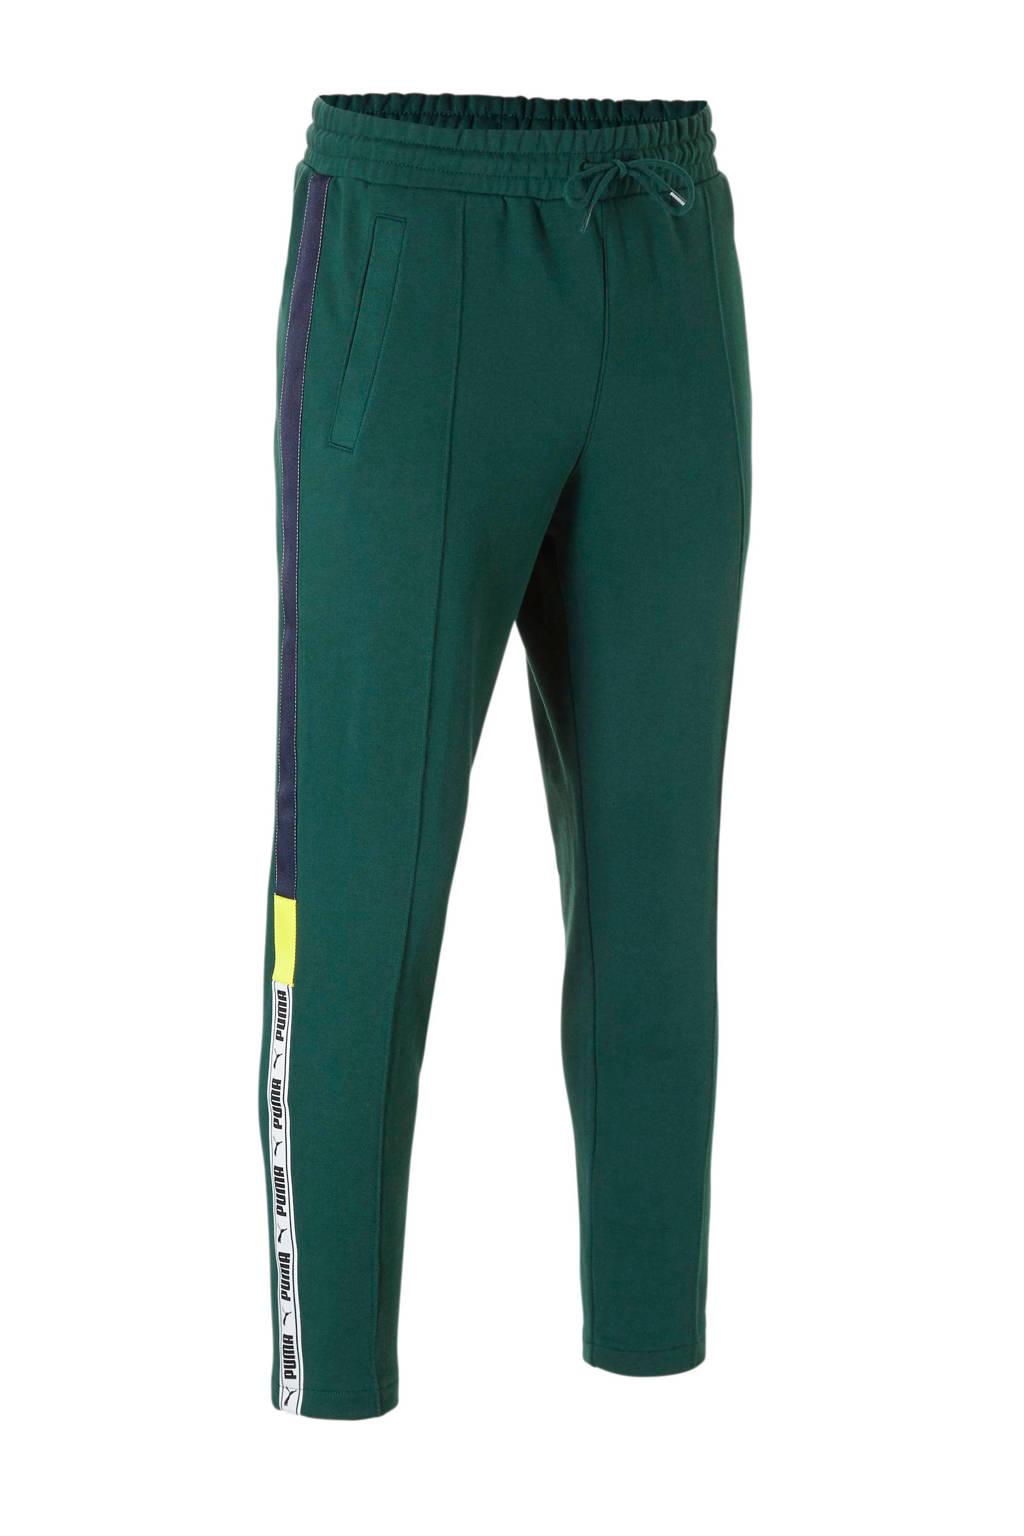 Puma 7/8 joggingbroek met zijstreep groen, Groen/donkerblauw/geel/wit